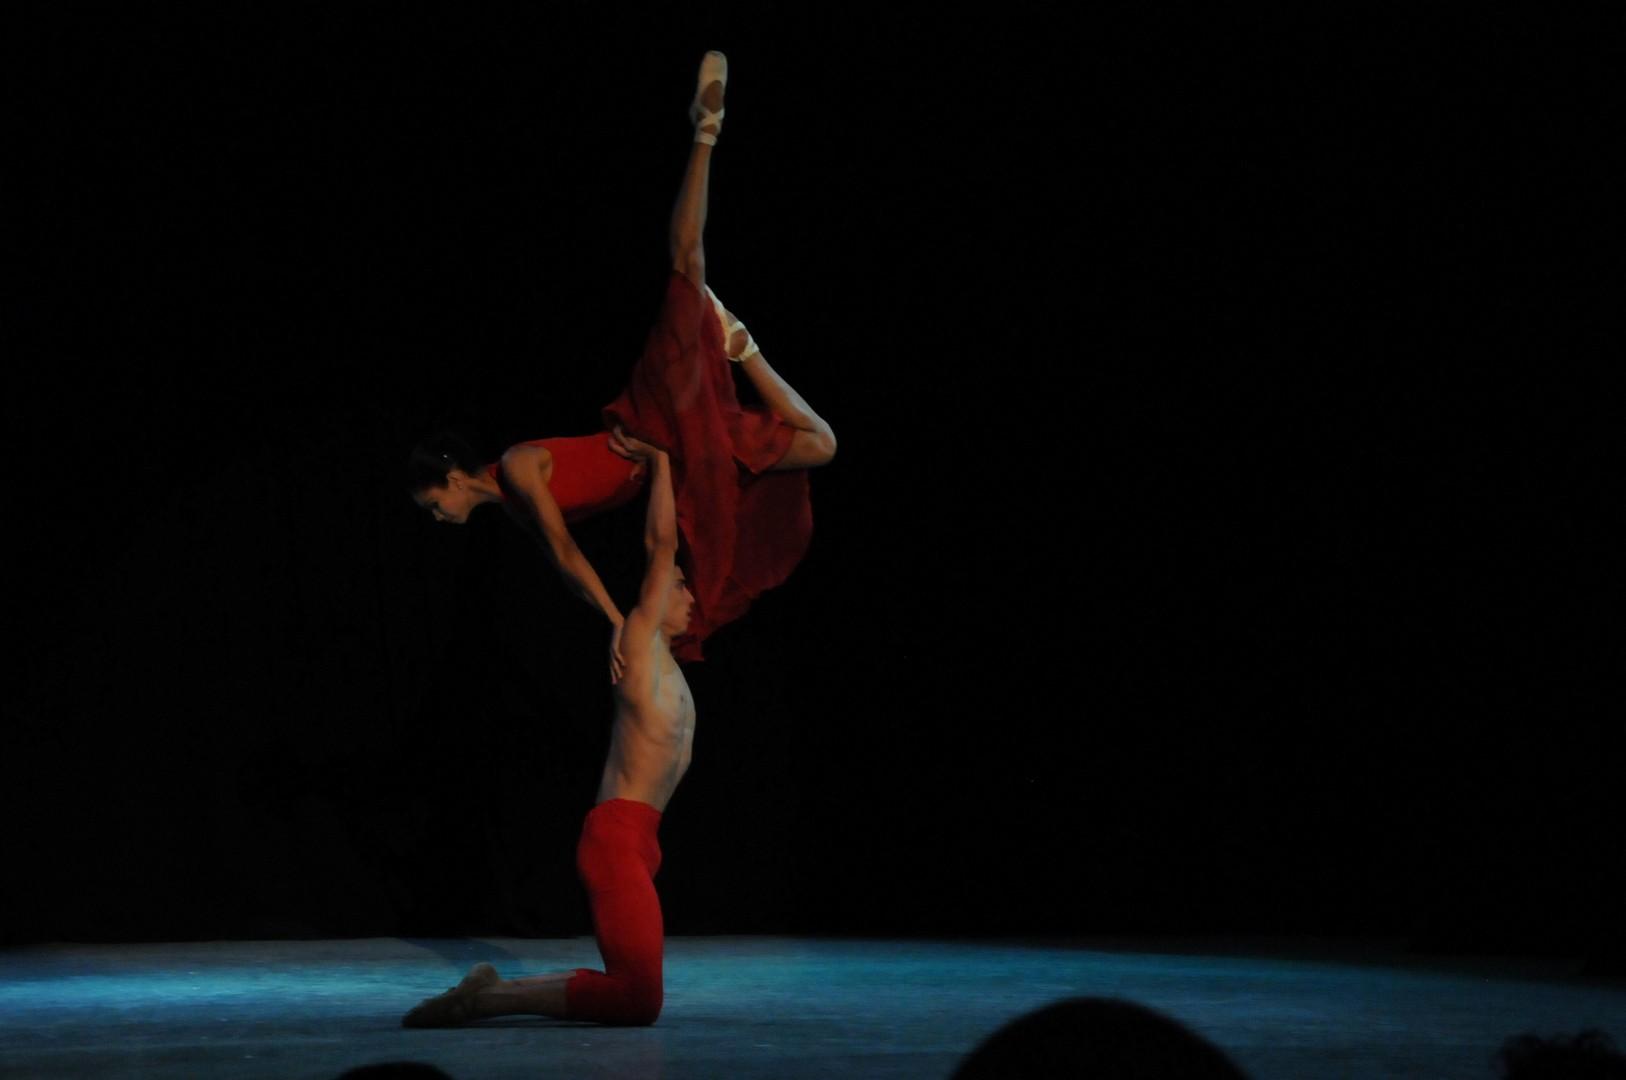 Soledad cuenta con la música del maestro Frank Fernández y la coreografía de Pedro Ruiz. (Foto: Vicente Brito/ Escambray)